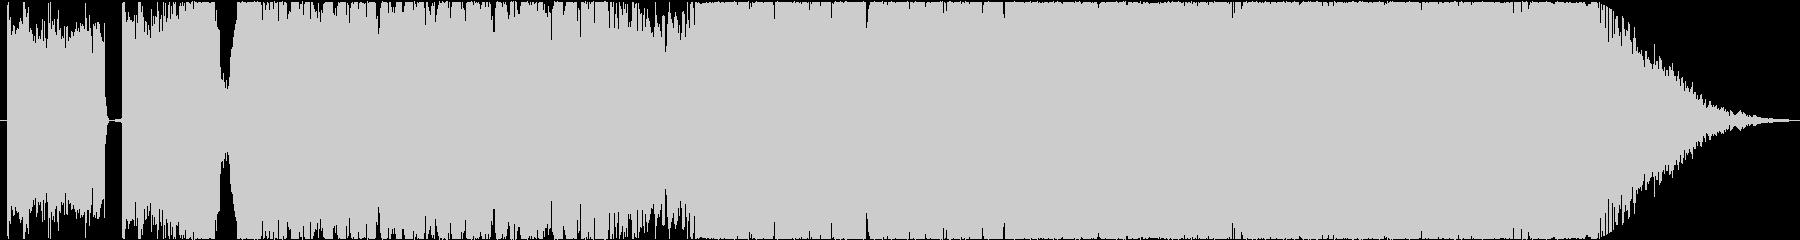 メタル 積極的 焦り ワイルド 低...の未再生の波形